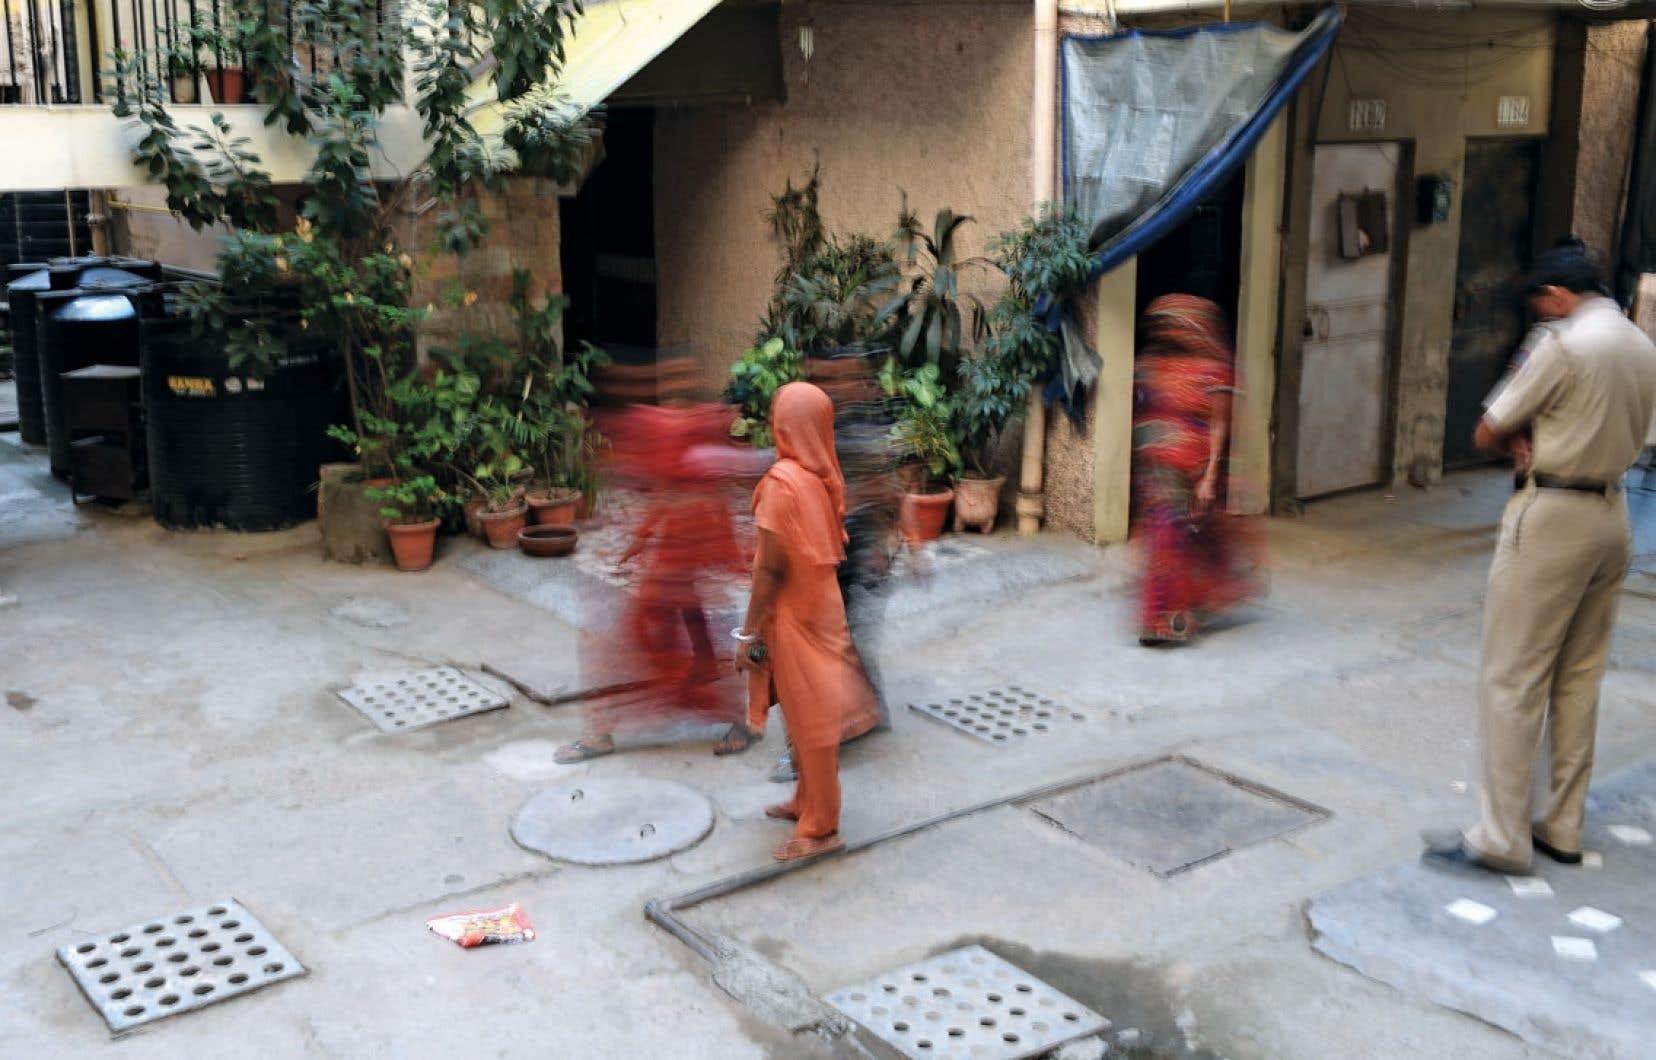 Des piétons passant devant un appartement où une jeune femme de ménage aurait été torturée, à Vasant Kunj, en octobre dernier.